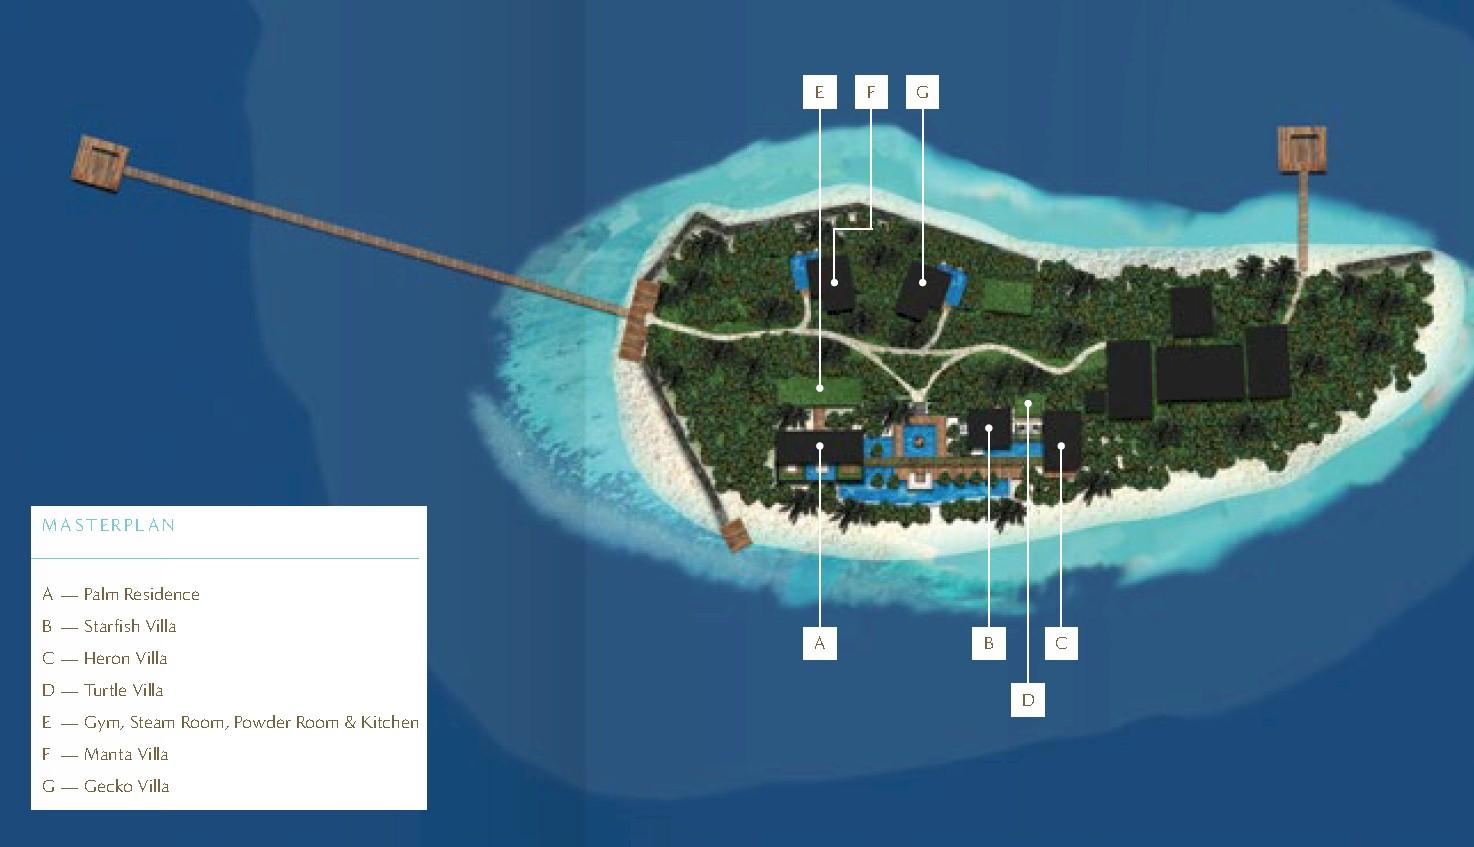 马尔代夫 库达希蒂岛 Coco Privé Kuda Hithi Island 平面地图查看